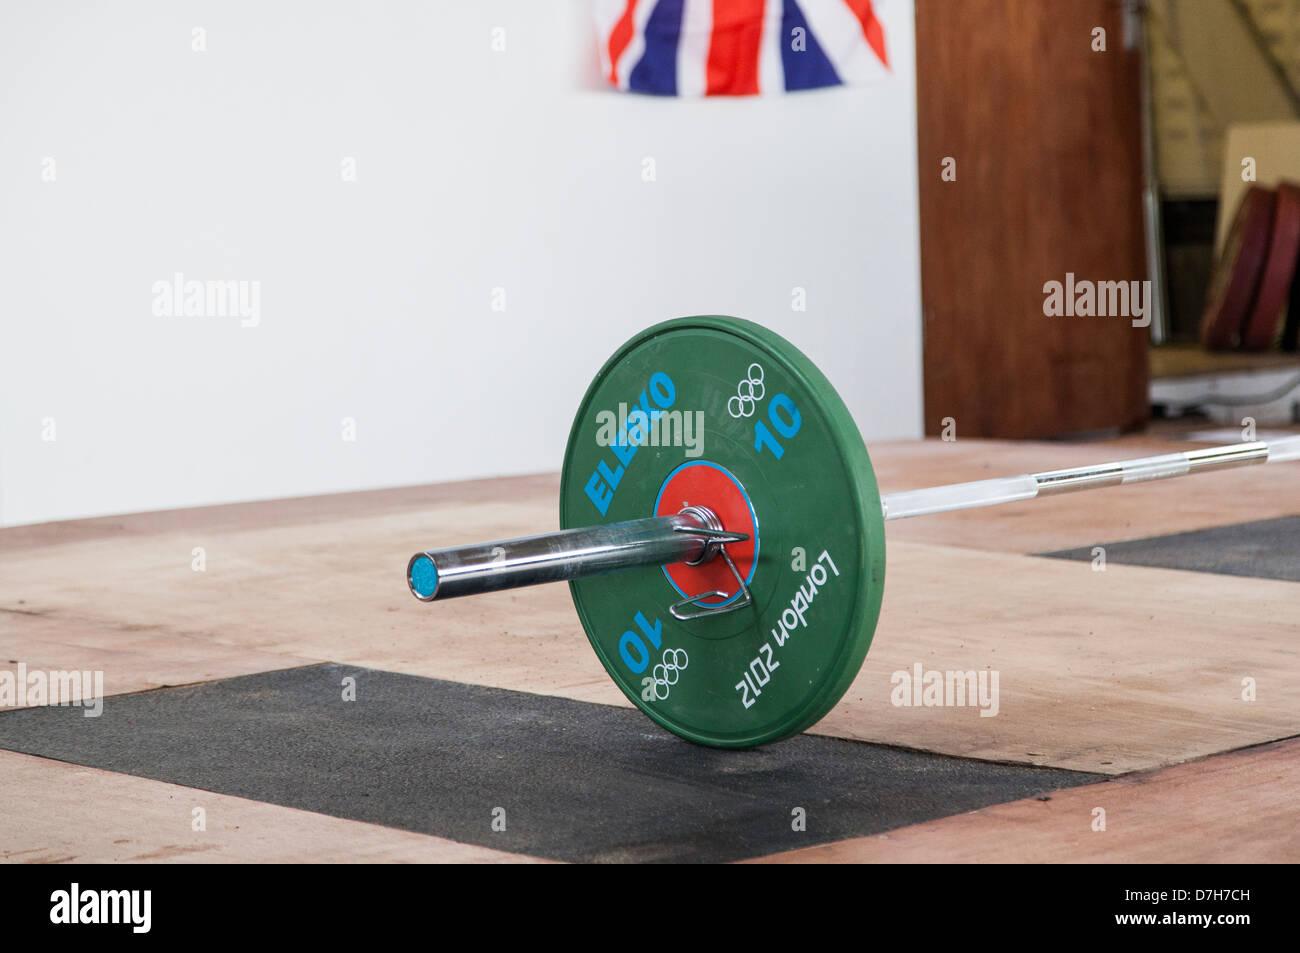 Il sollevamento pesi, Londra 2012 piastre bar olimpico GB Bandiera British sollevamento pesi Immagini Stock